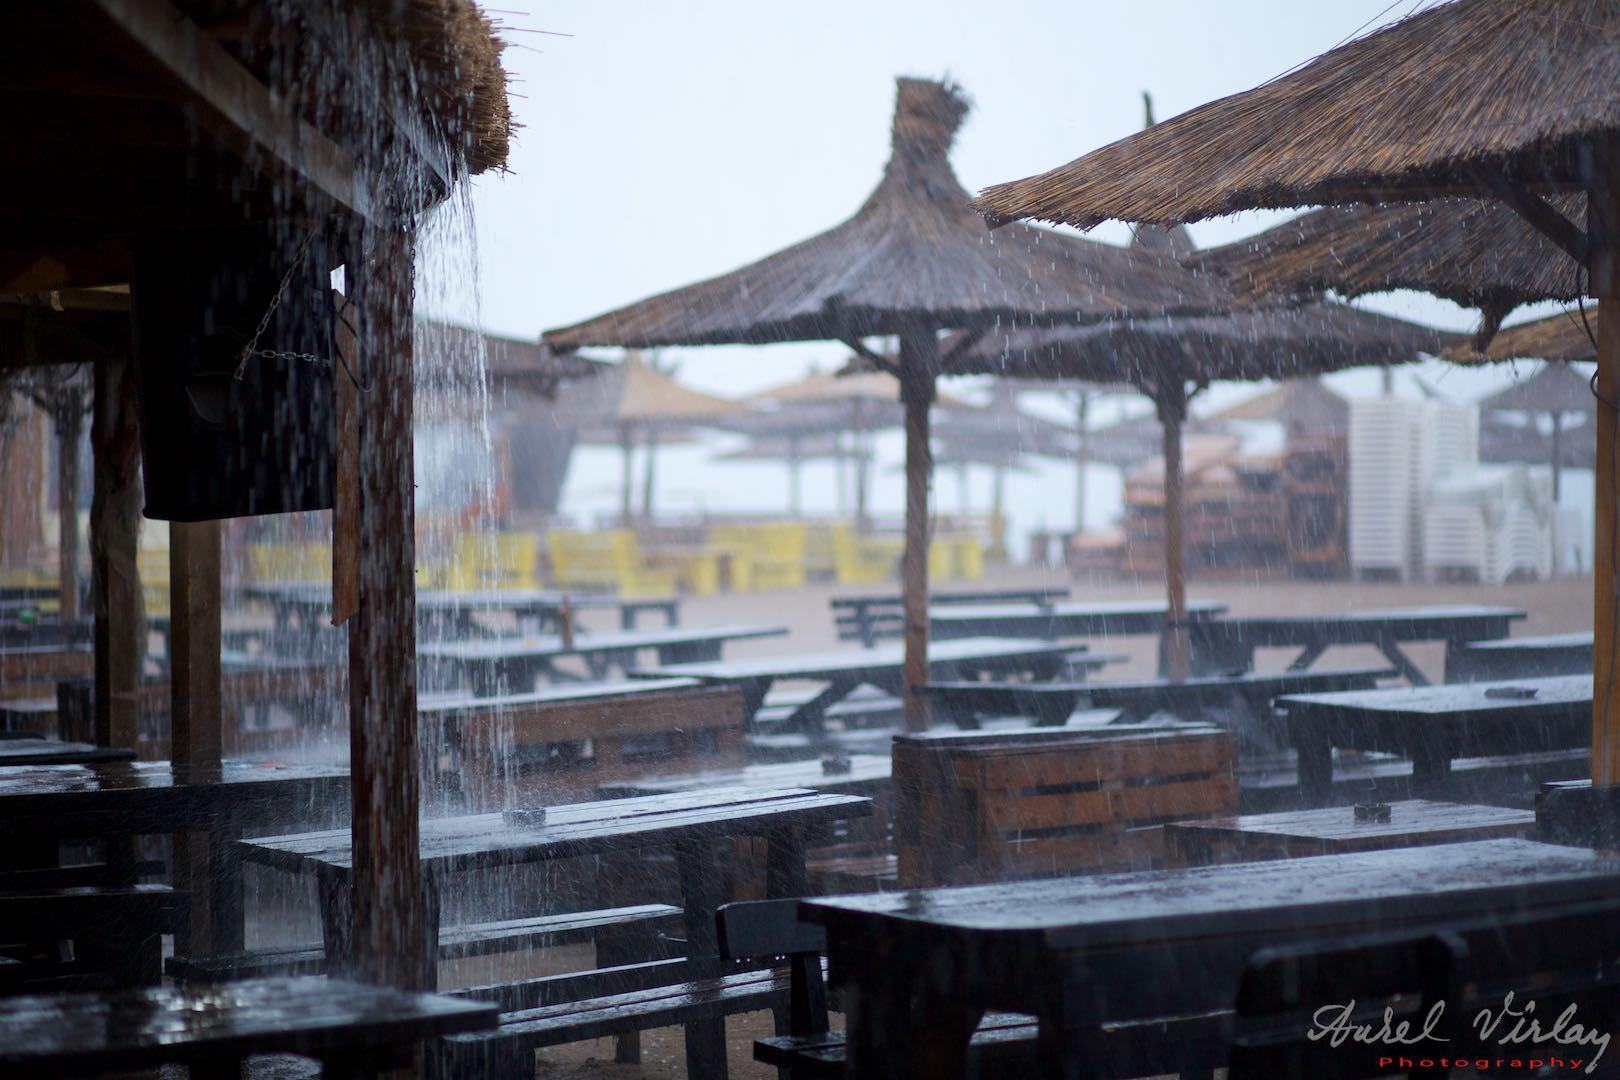 Rainy afternoon at Stuf bar.